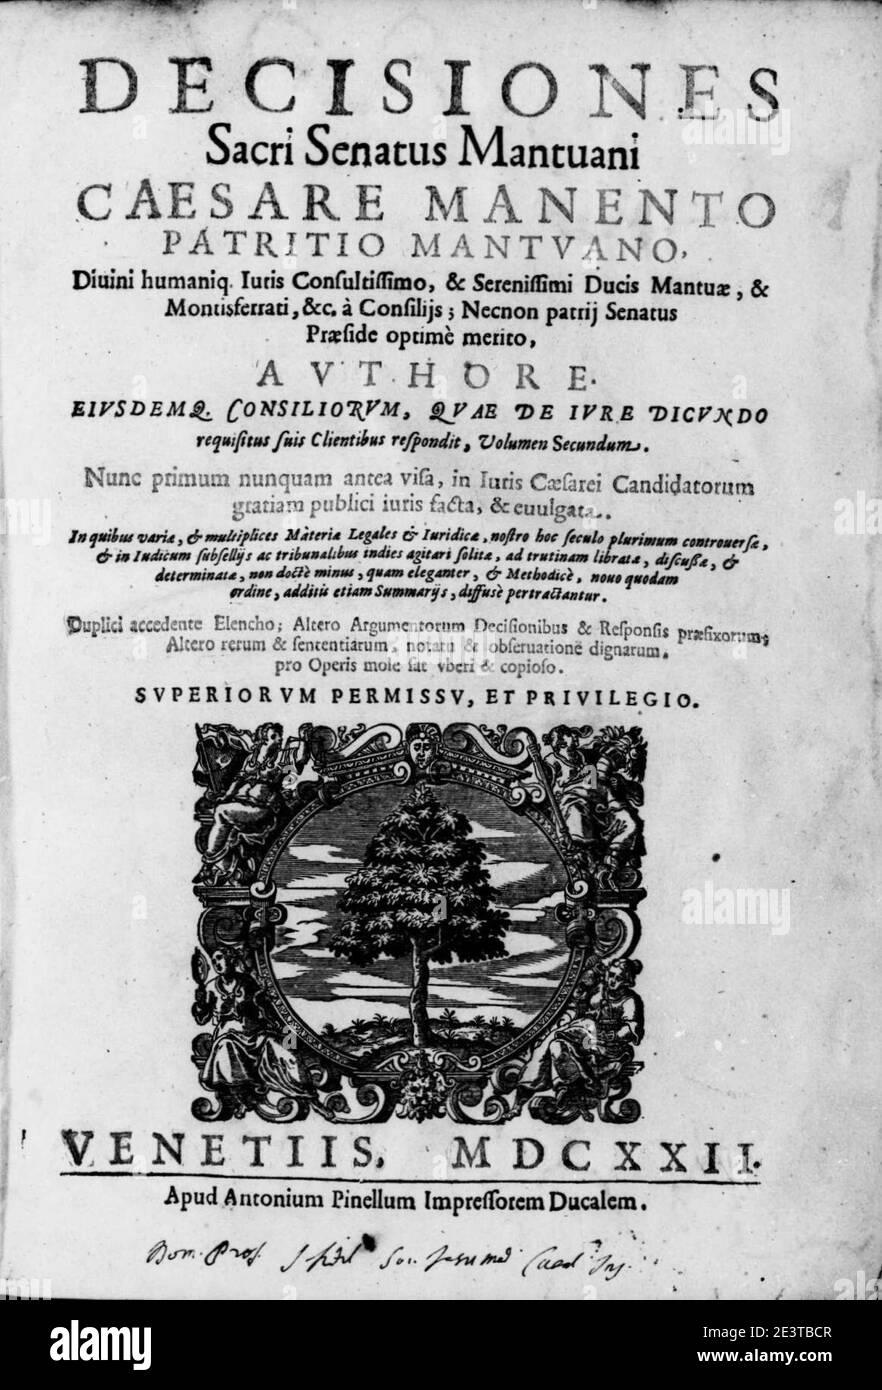 Manenti, Cesare   Decisiones sacri Senatus Mantuani, 1622   BEIC 13677110. Stock Photo